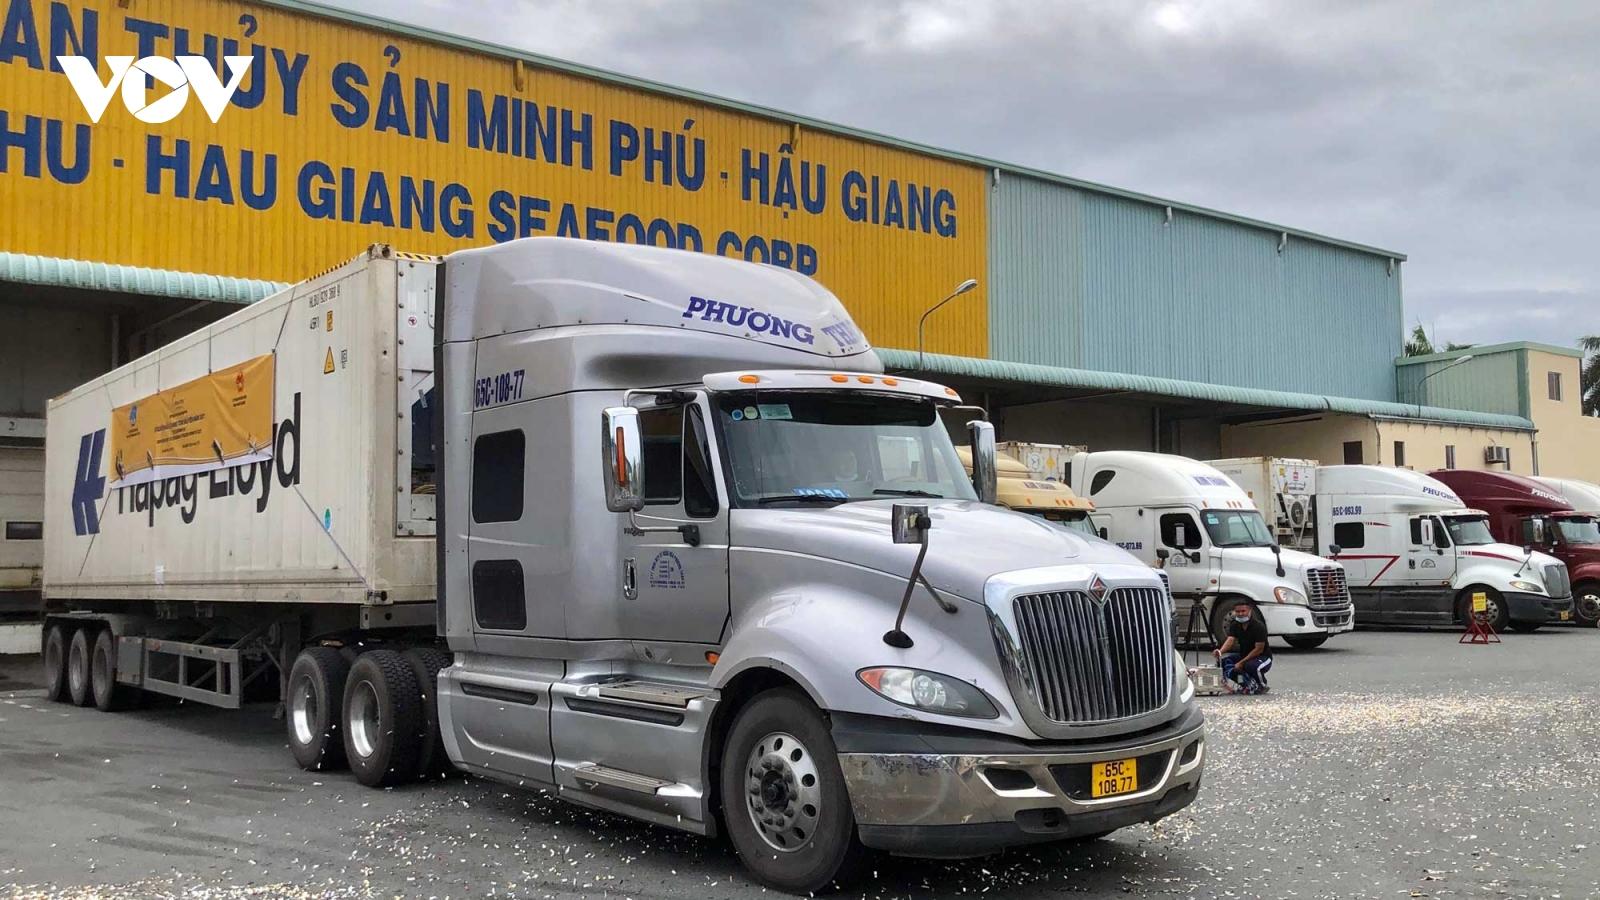 Xuất khẩu lô hàng tôm 160 tấn đầu năm 2021 đi EU, Mỹ, Nhật